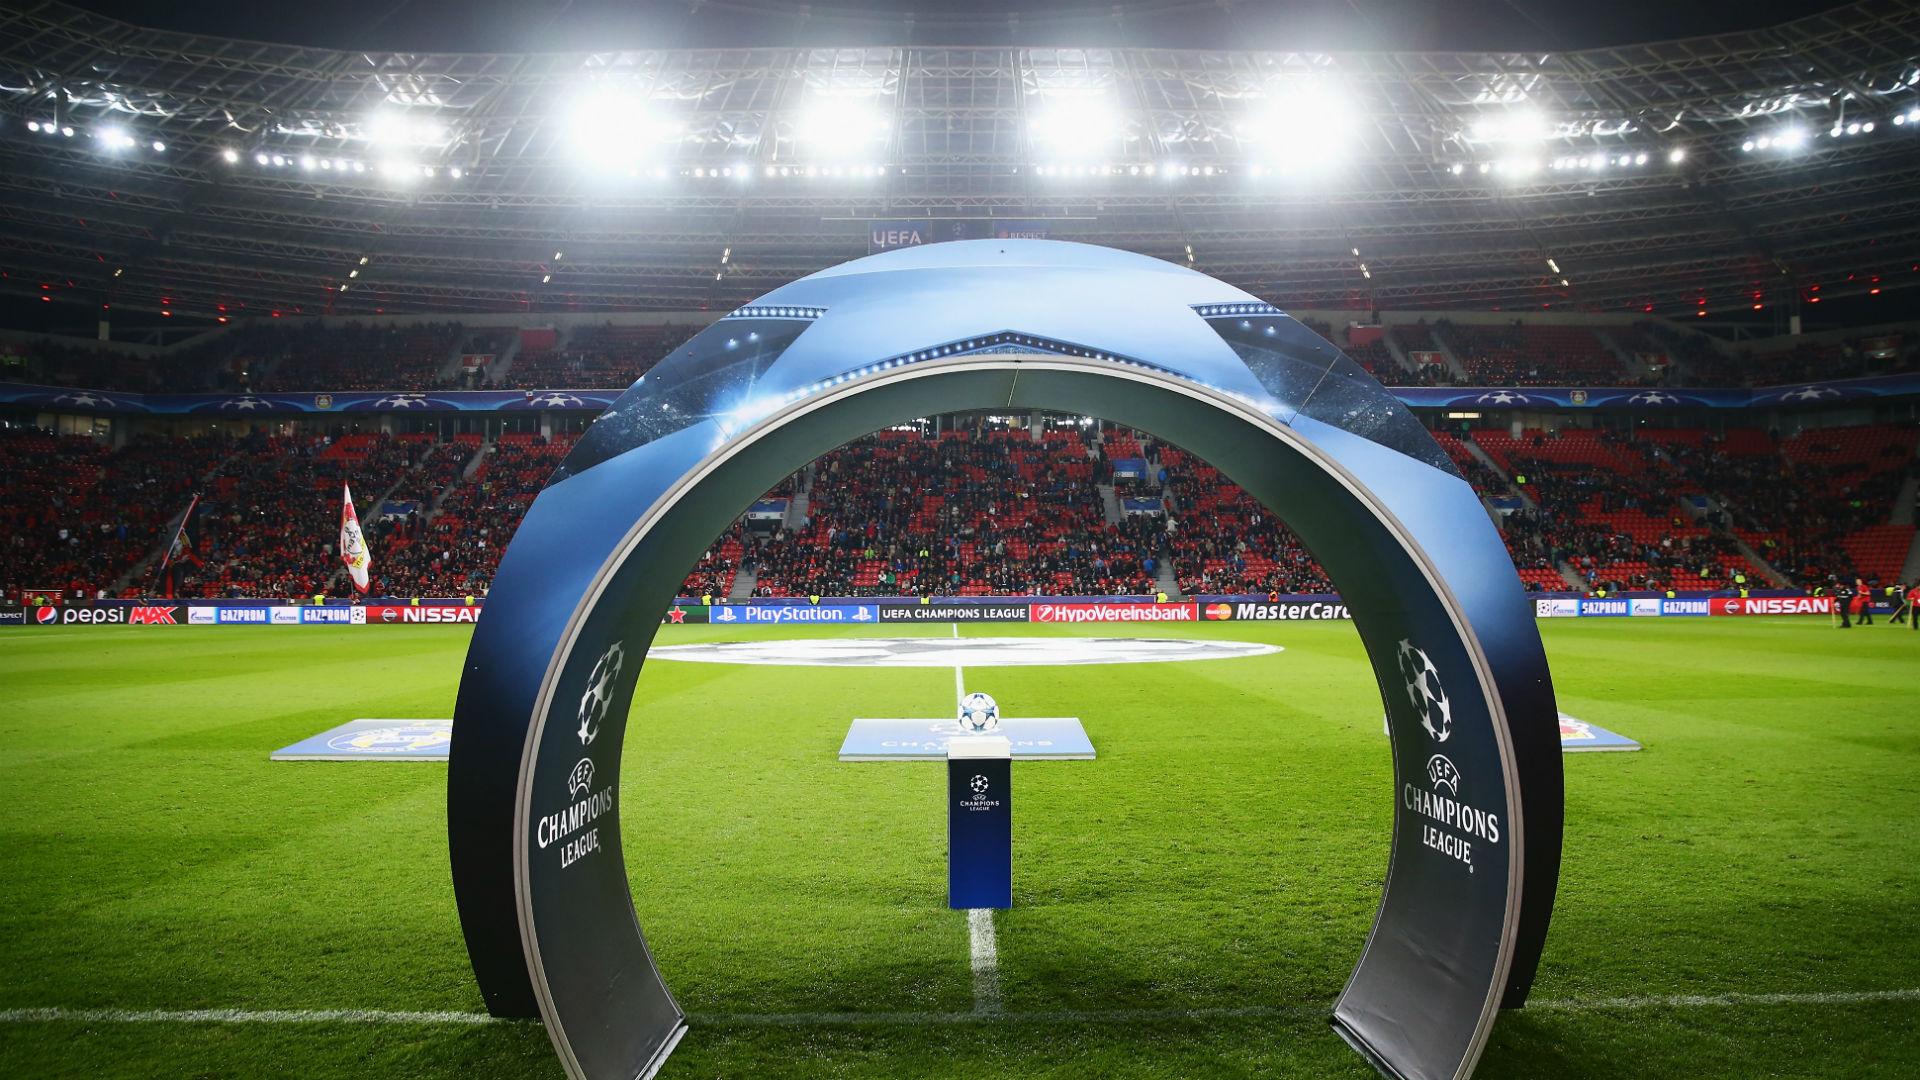 Champions League ball at Bayer Leverkusen's Stadium - Goal.com